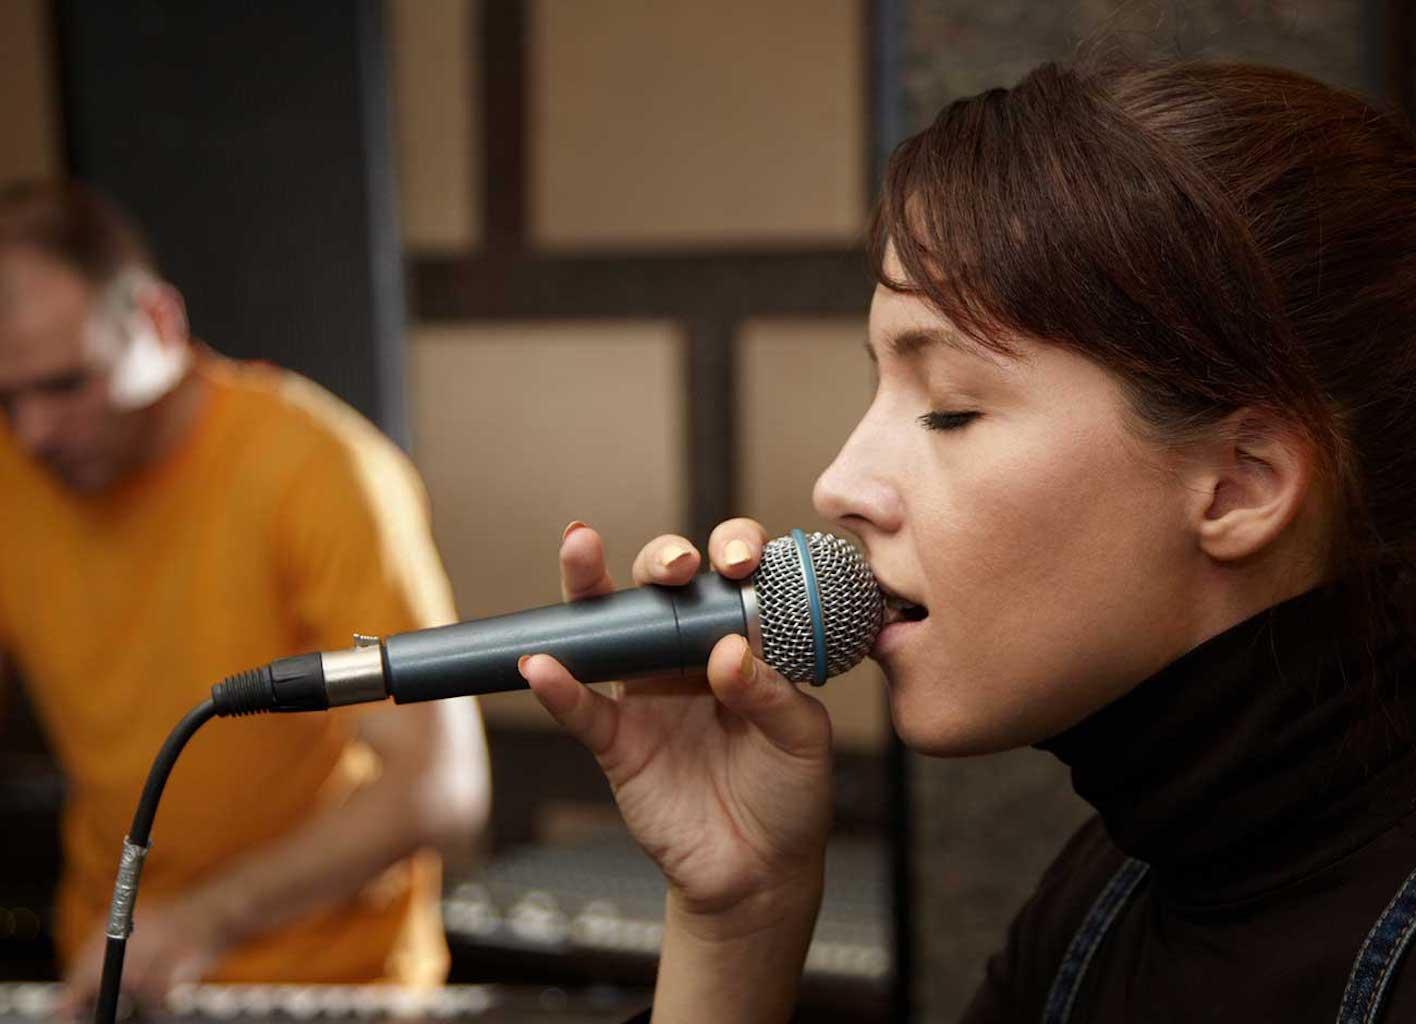 Le Vie Del Canto - Masterclass Forme Sonore